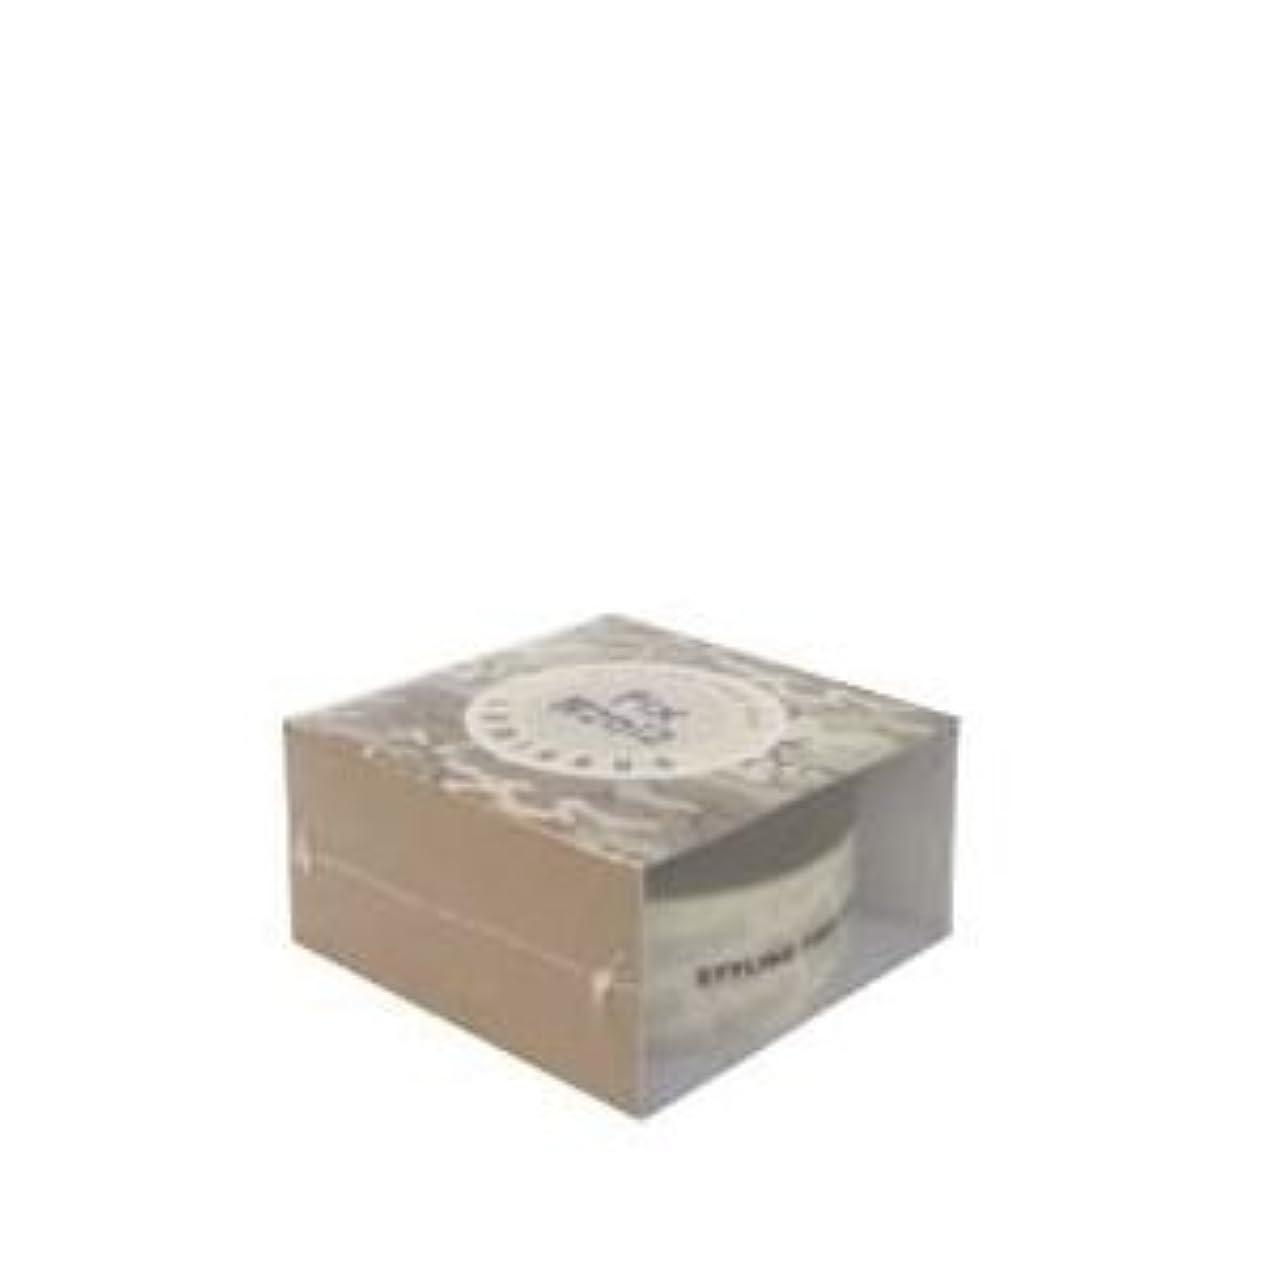 不純ペチコートピンクイリヤコスメティクス フィクスマニア ルミナス50g(スタイリングワックス)